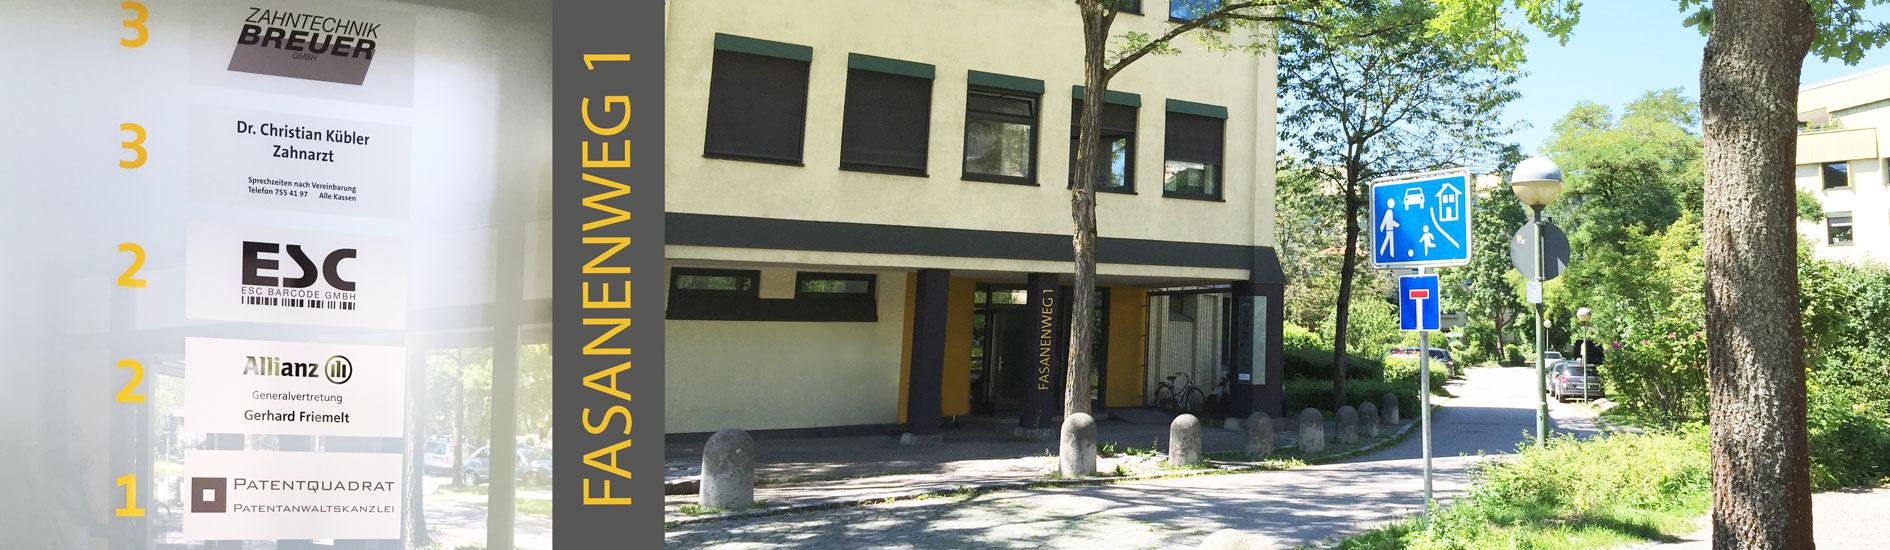 Hier ist das Gebäude der Praxis abgebildet.